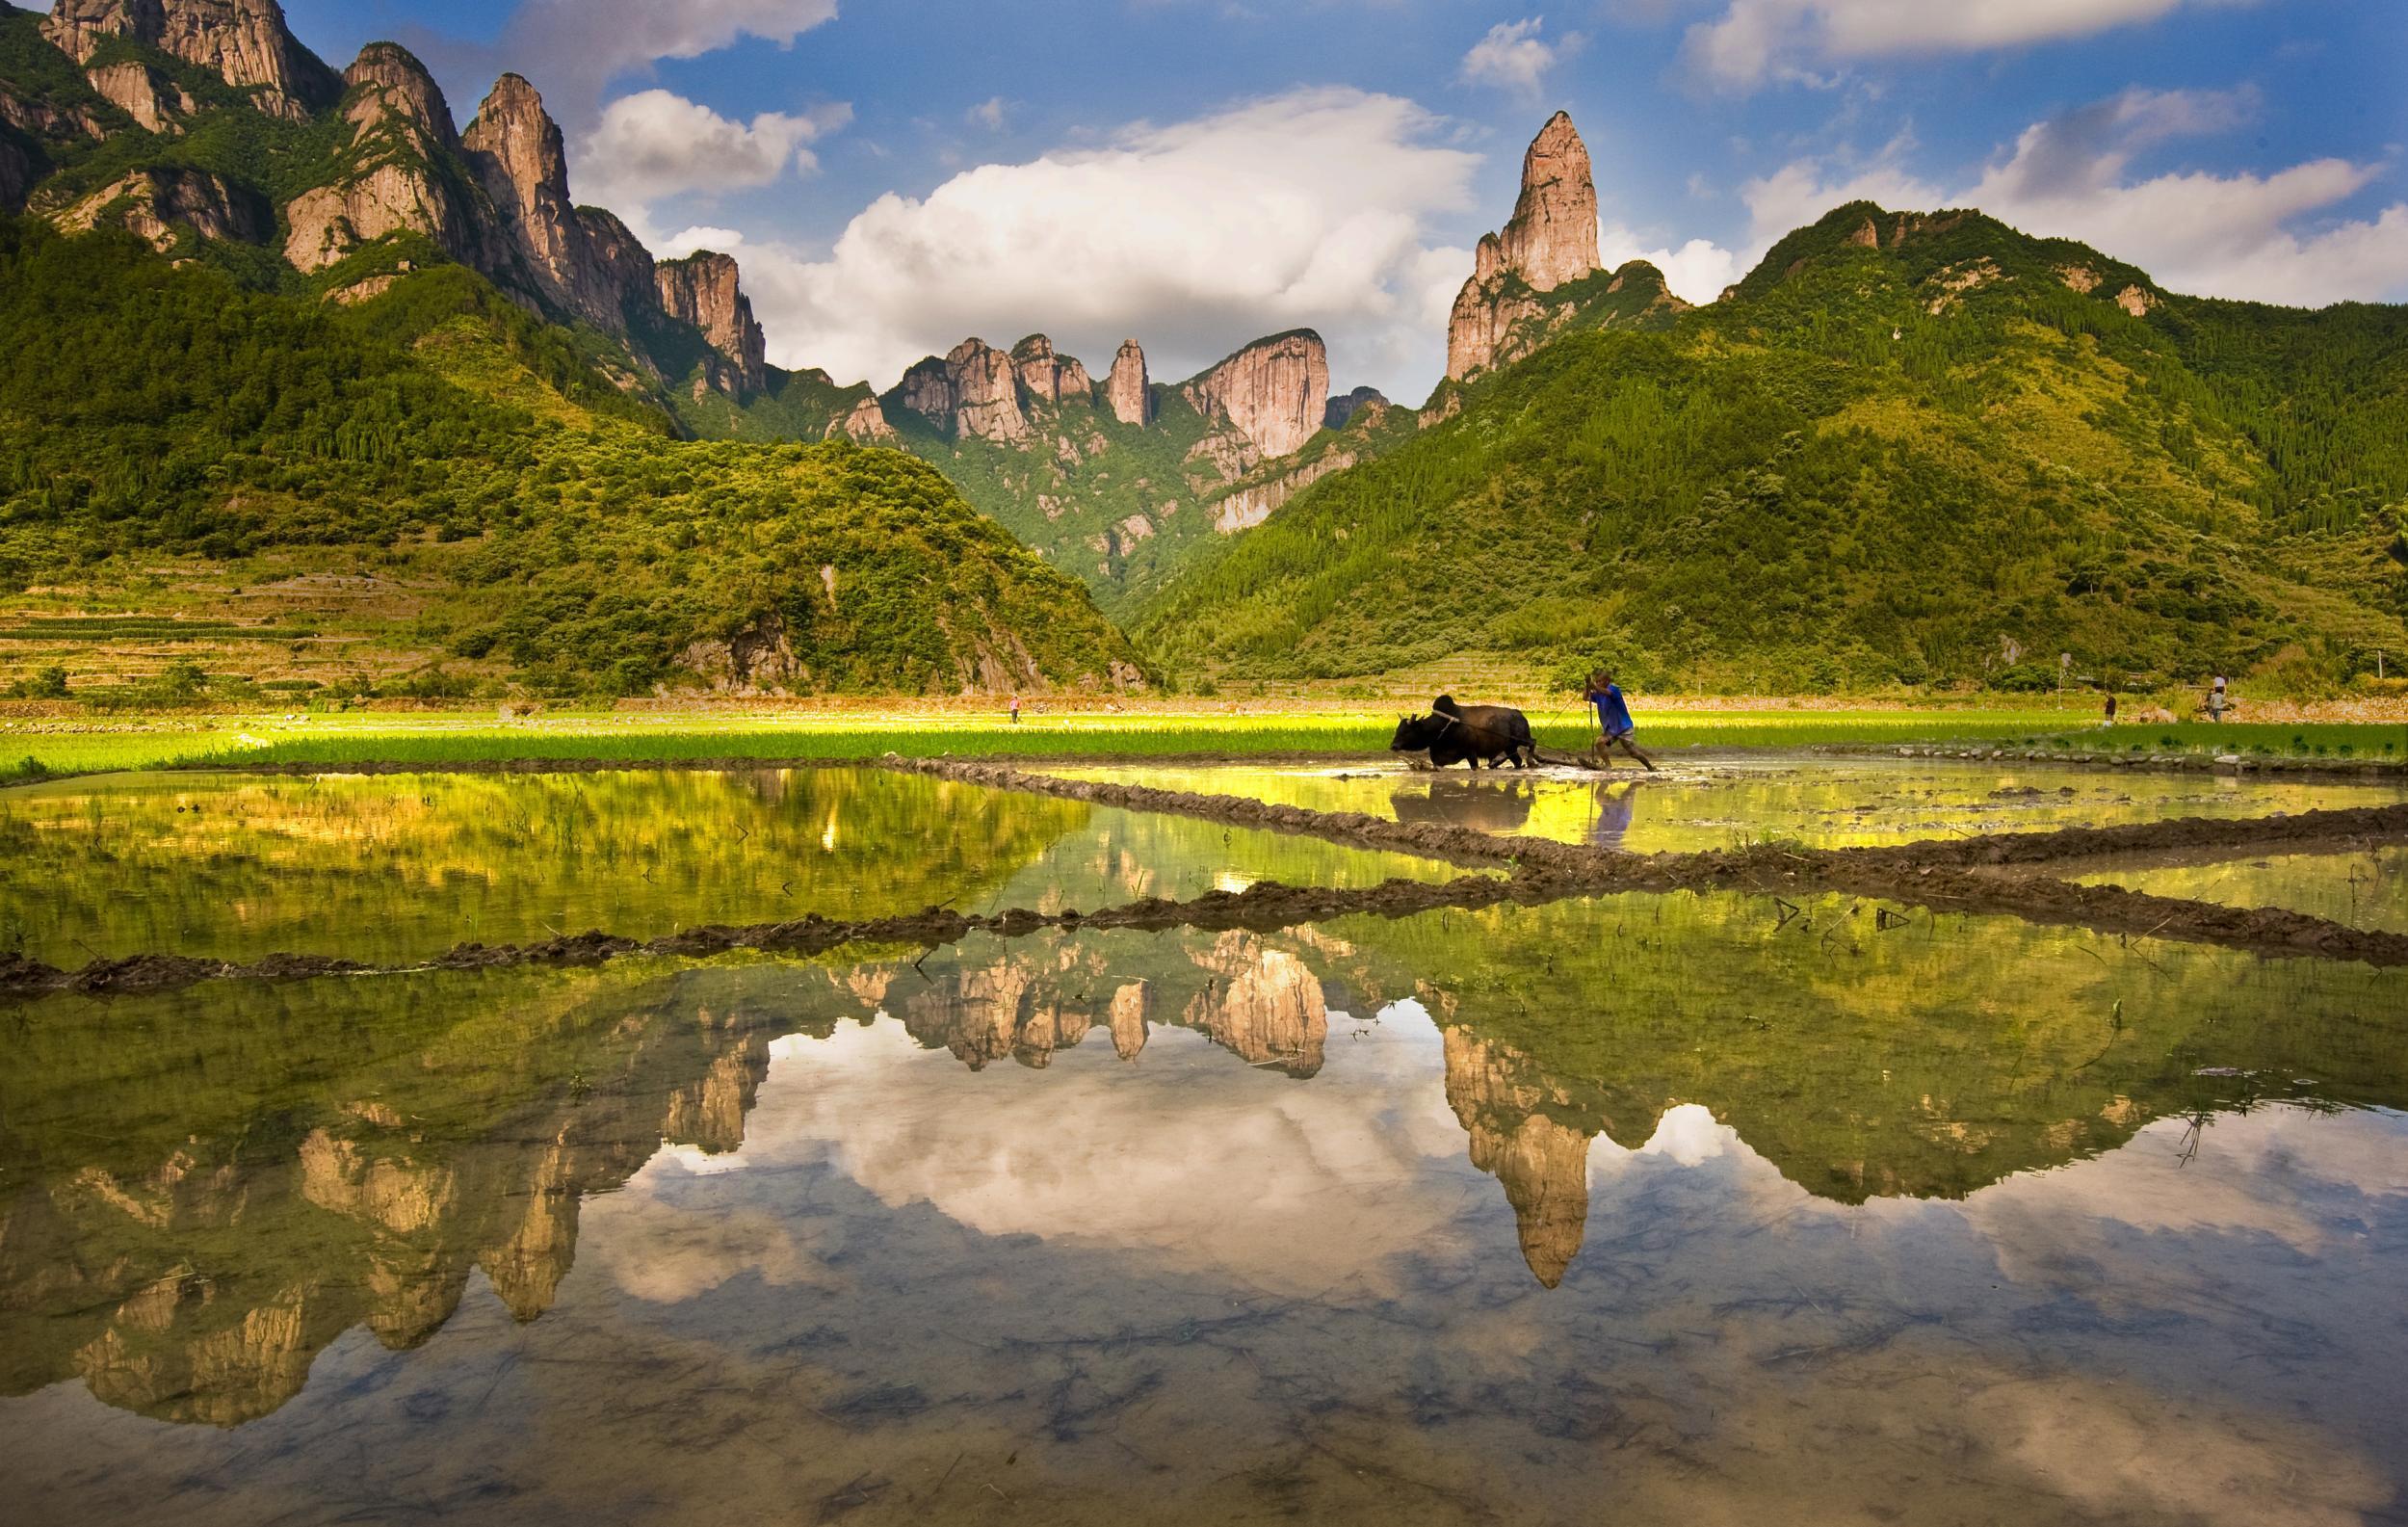 神仙居景區是仙居五大風景名勝區之一,也是仙居風景名勝區的典型代表